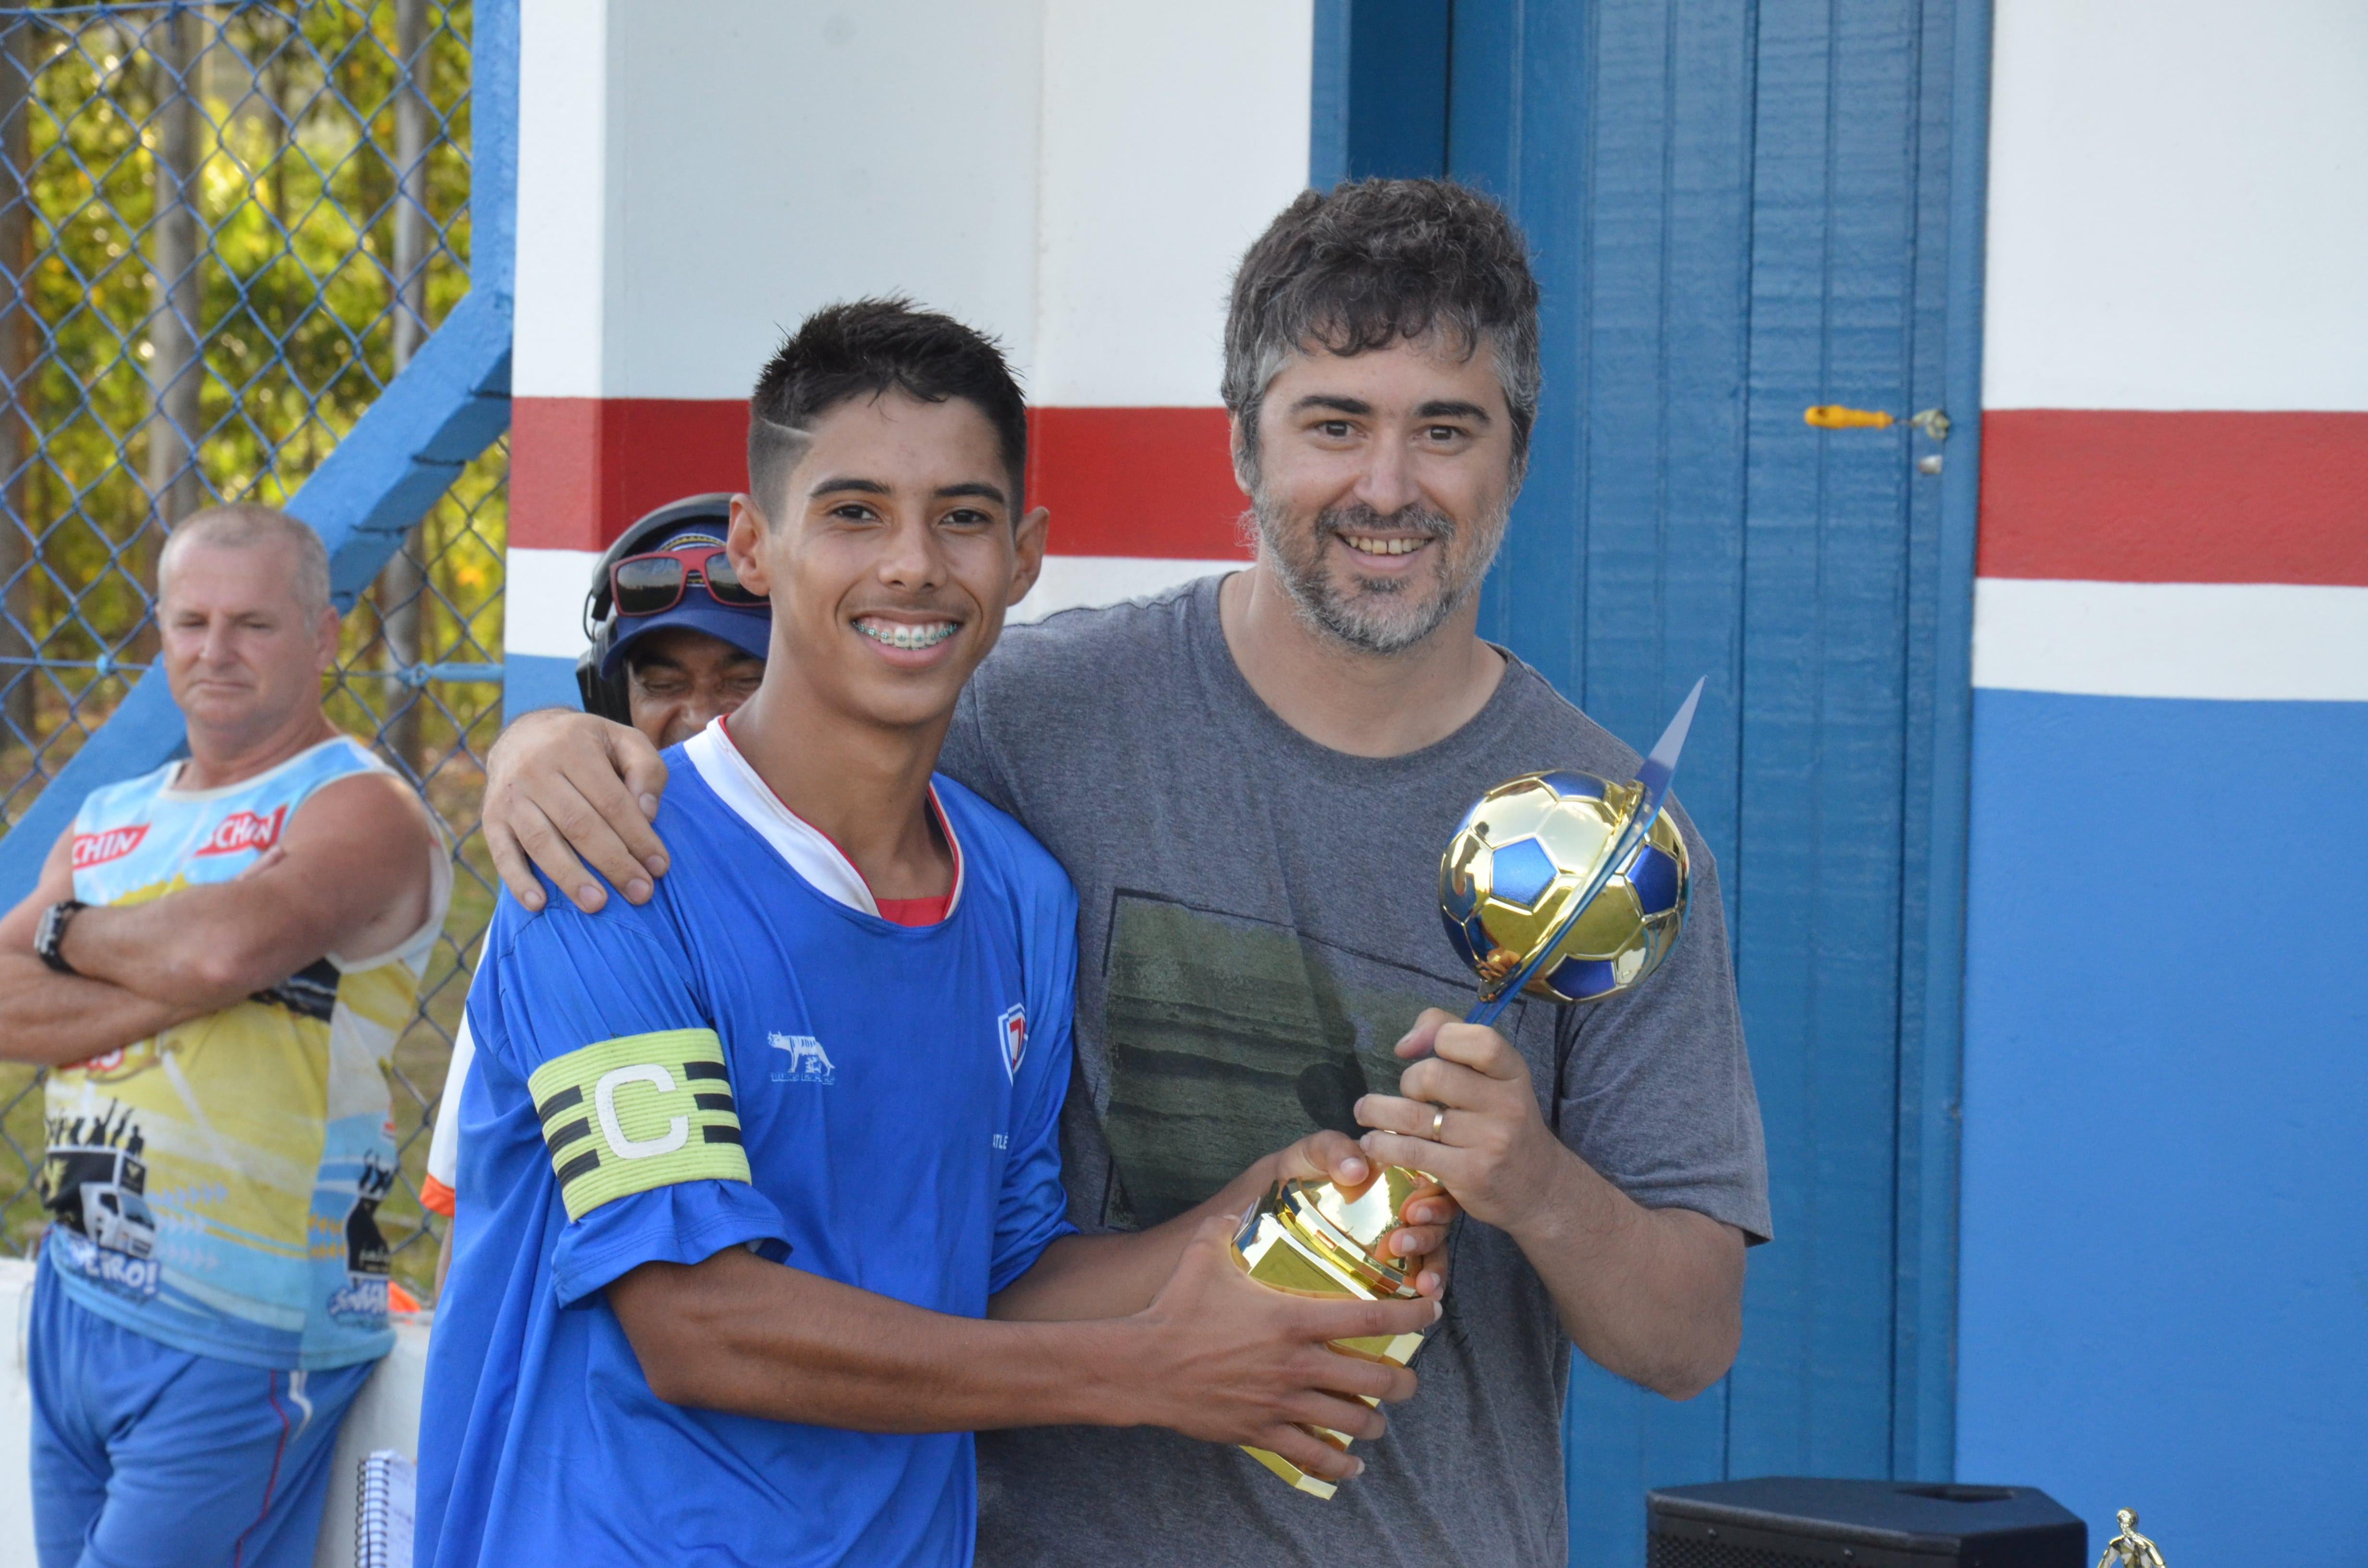 Natanael, capitão do AC Imbituba recebe a taça das mãos do Diretor da LIF, Madison Martins